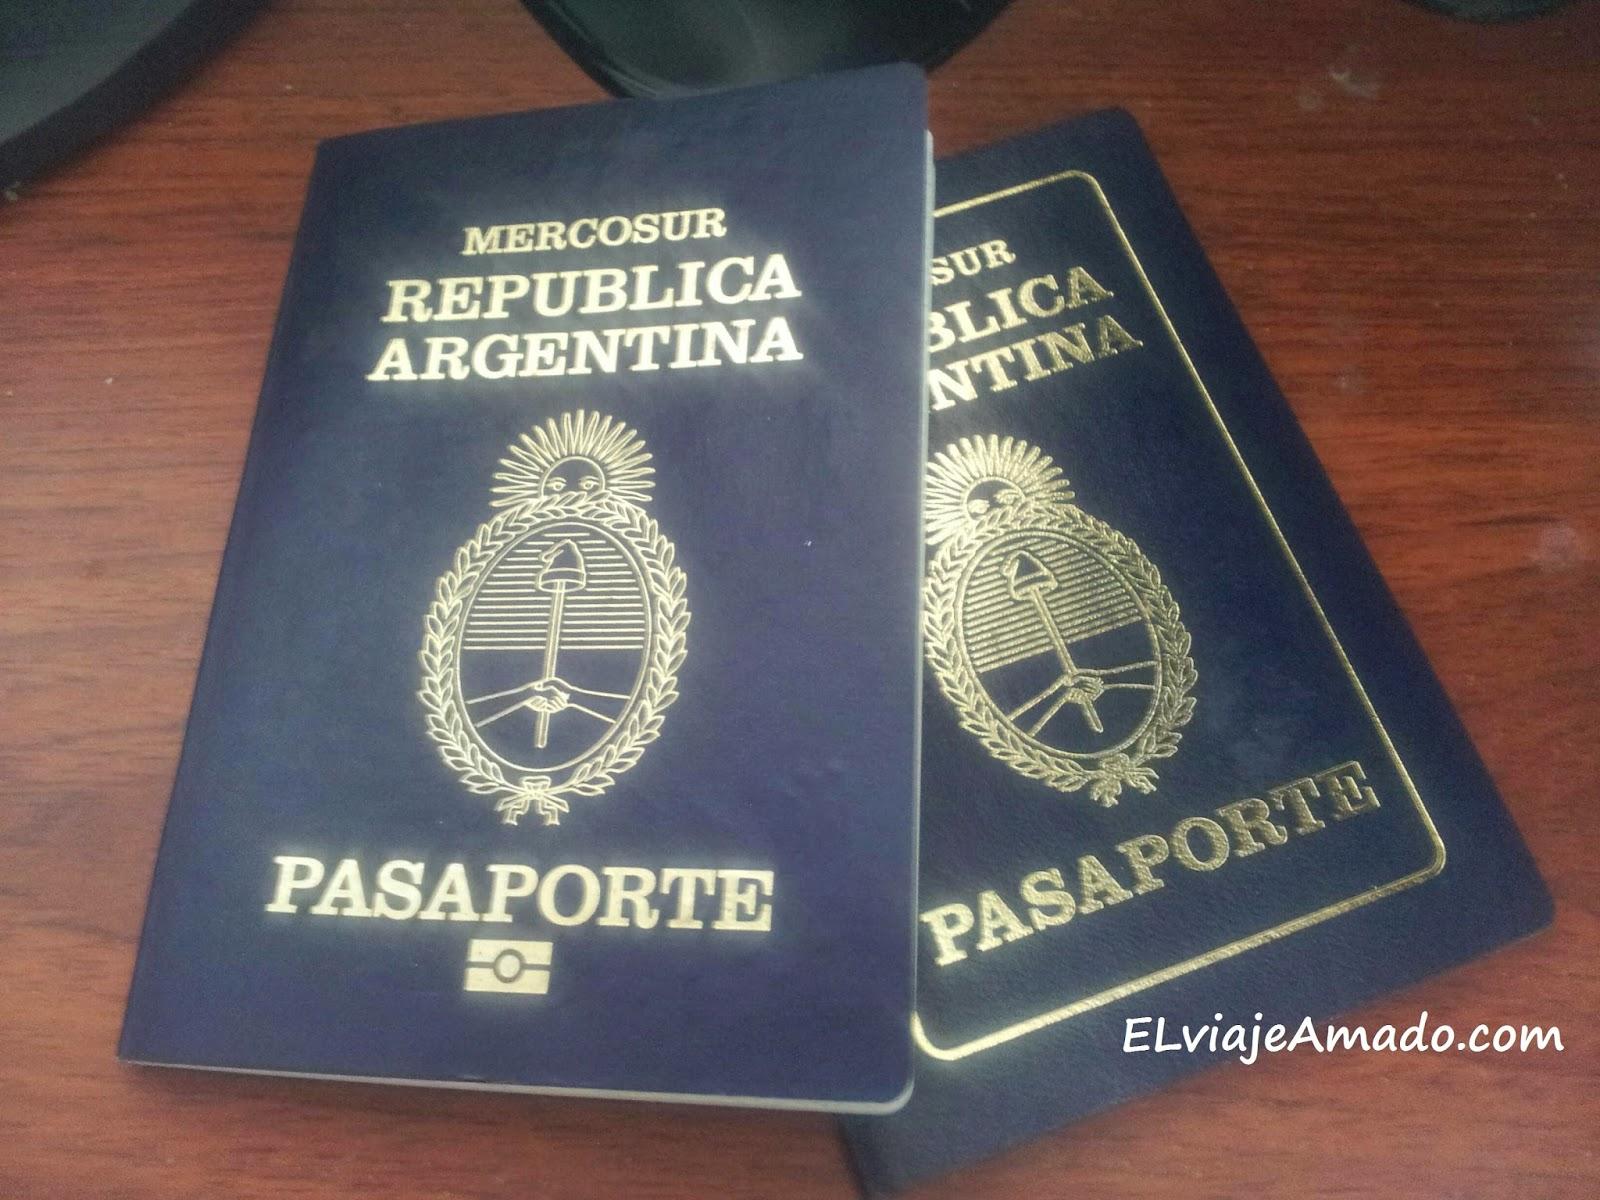 Sacando el nuevo pasaporte argentino el viaje amado for Ministerio del interior pasaporte telefono